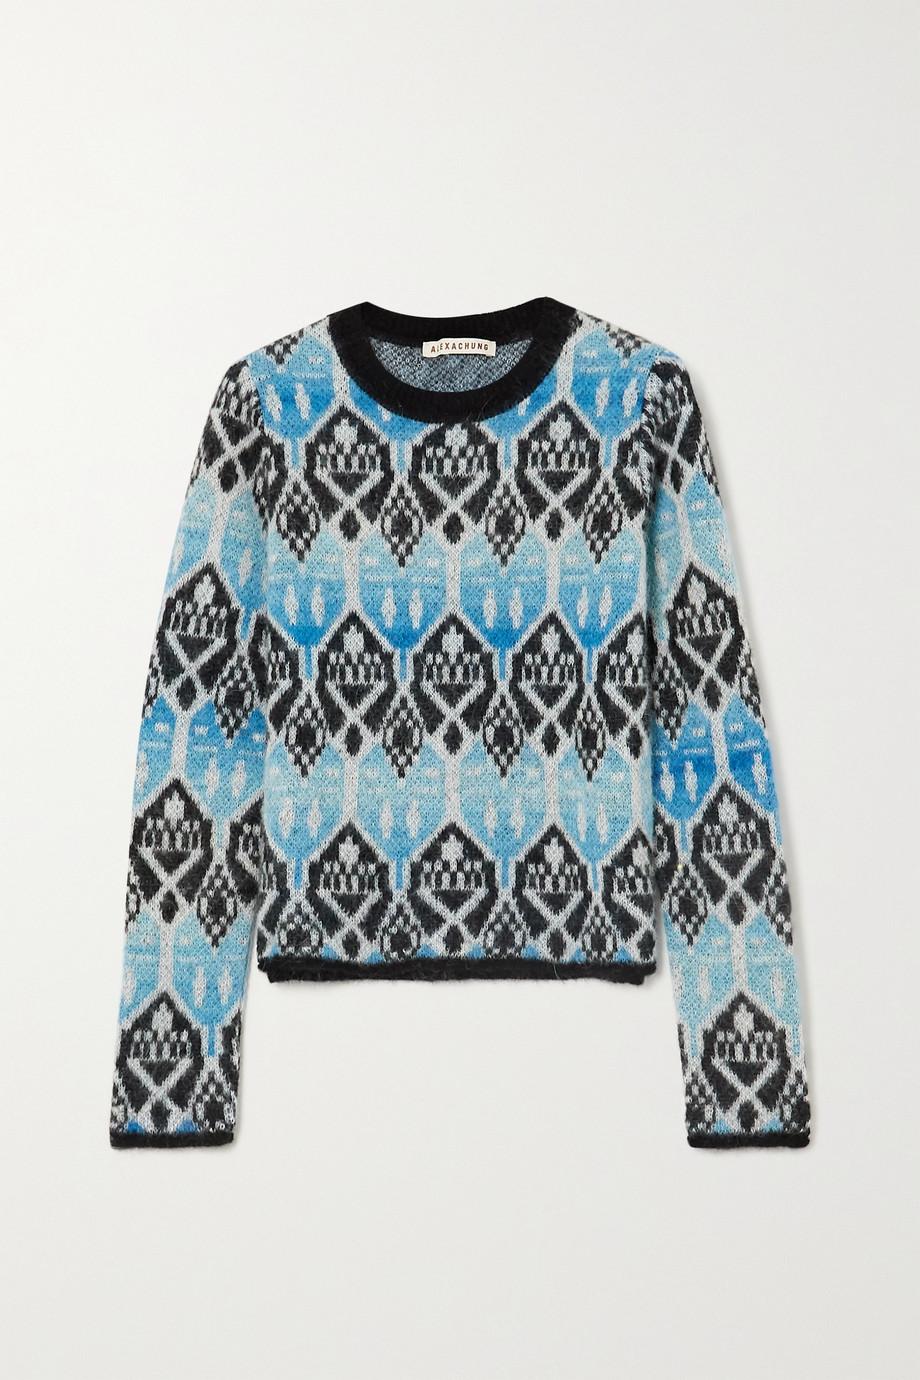 ALEXACHUNG Jacquard-knit sweater